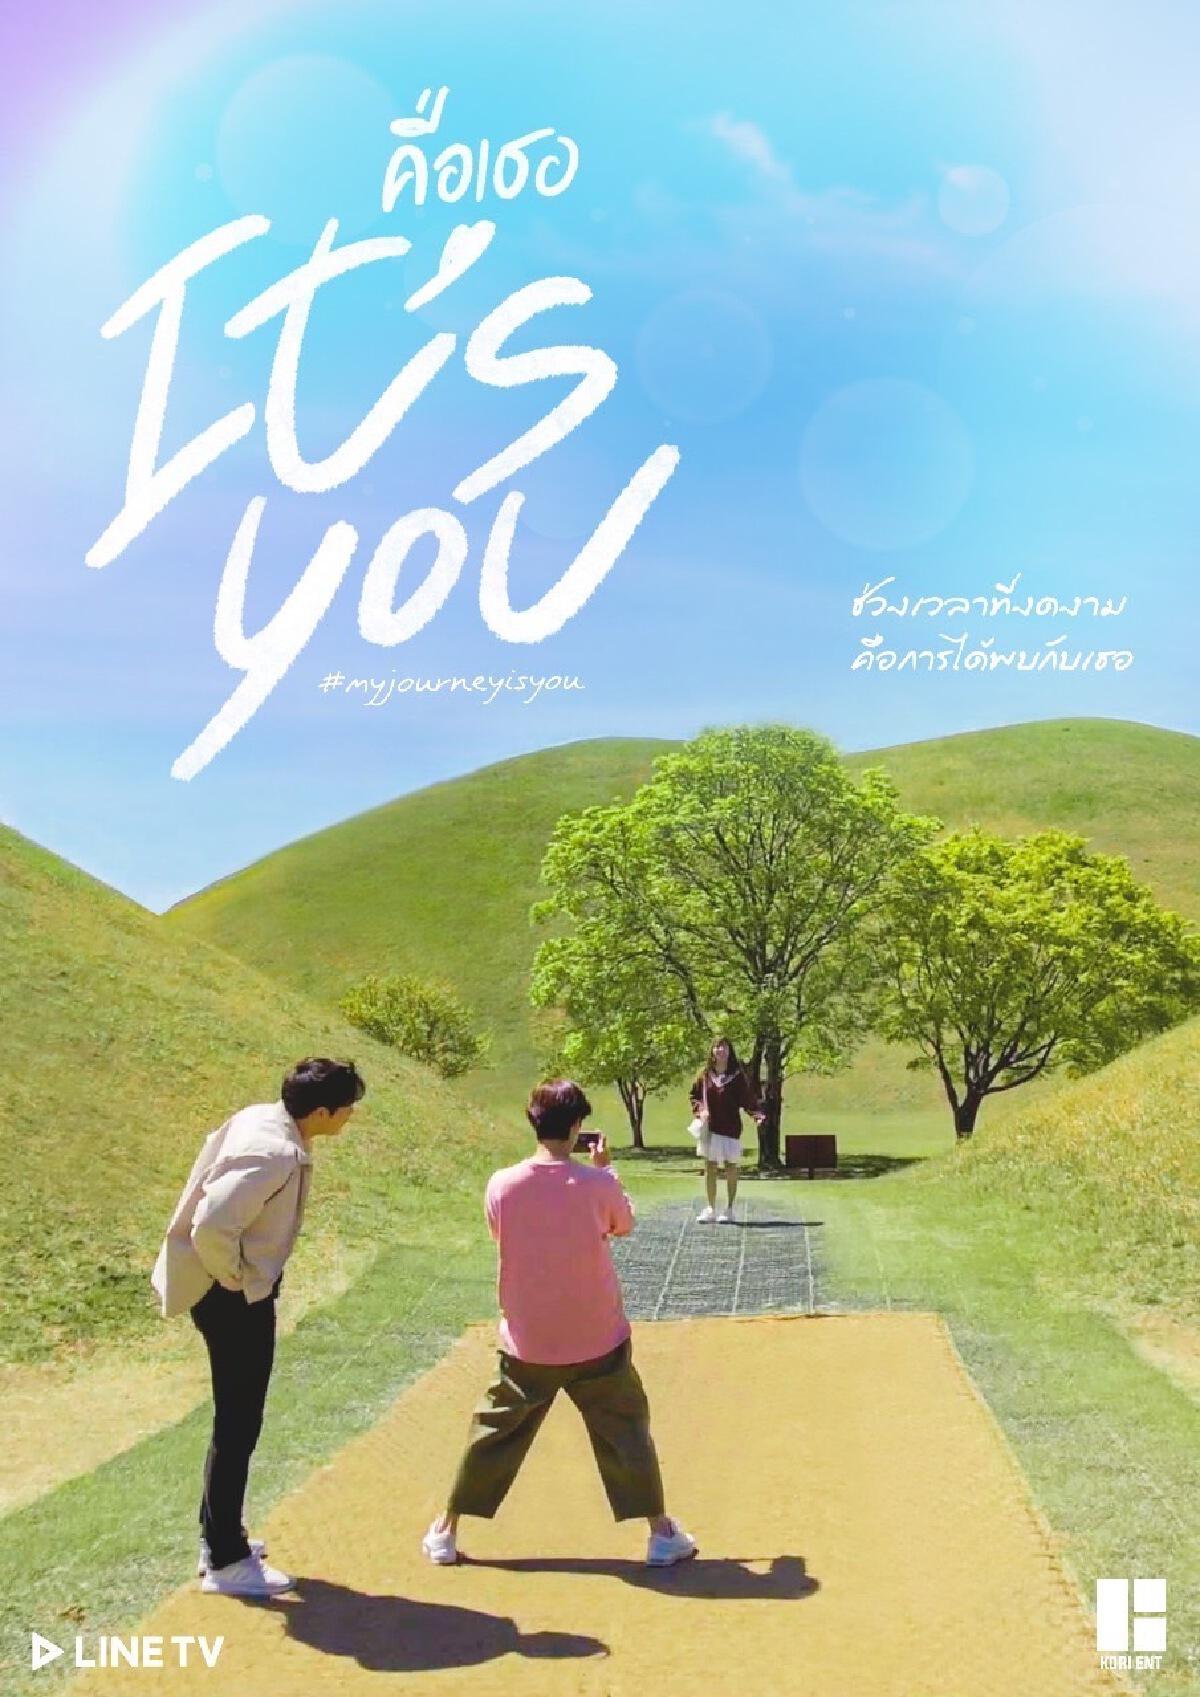 #เที่ยวทิพย์ จังหวัดคยองซังเหนือ เกาหลีใต้ ไปกับหนังสั้นฟีลกู๊ด Its you